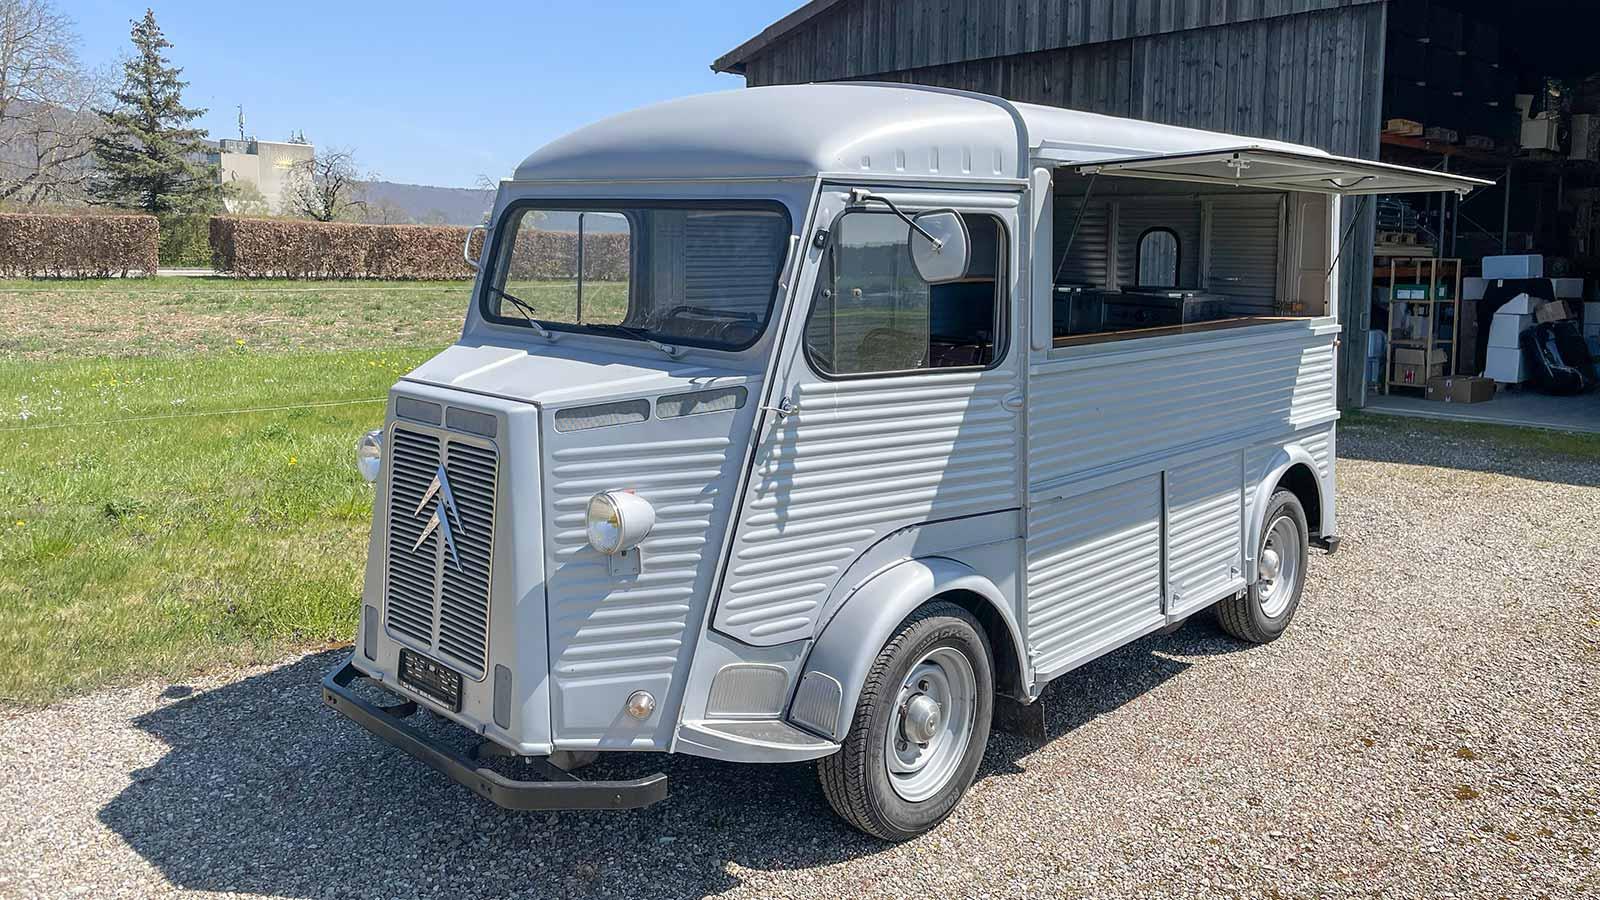 Citroën H Foot Truck mieten